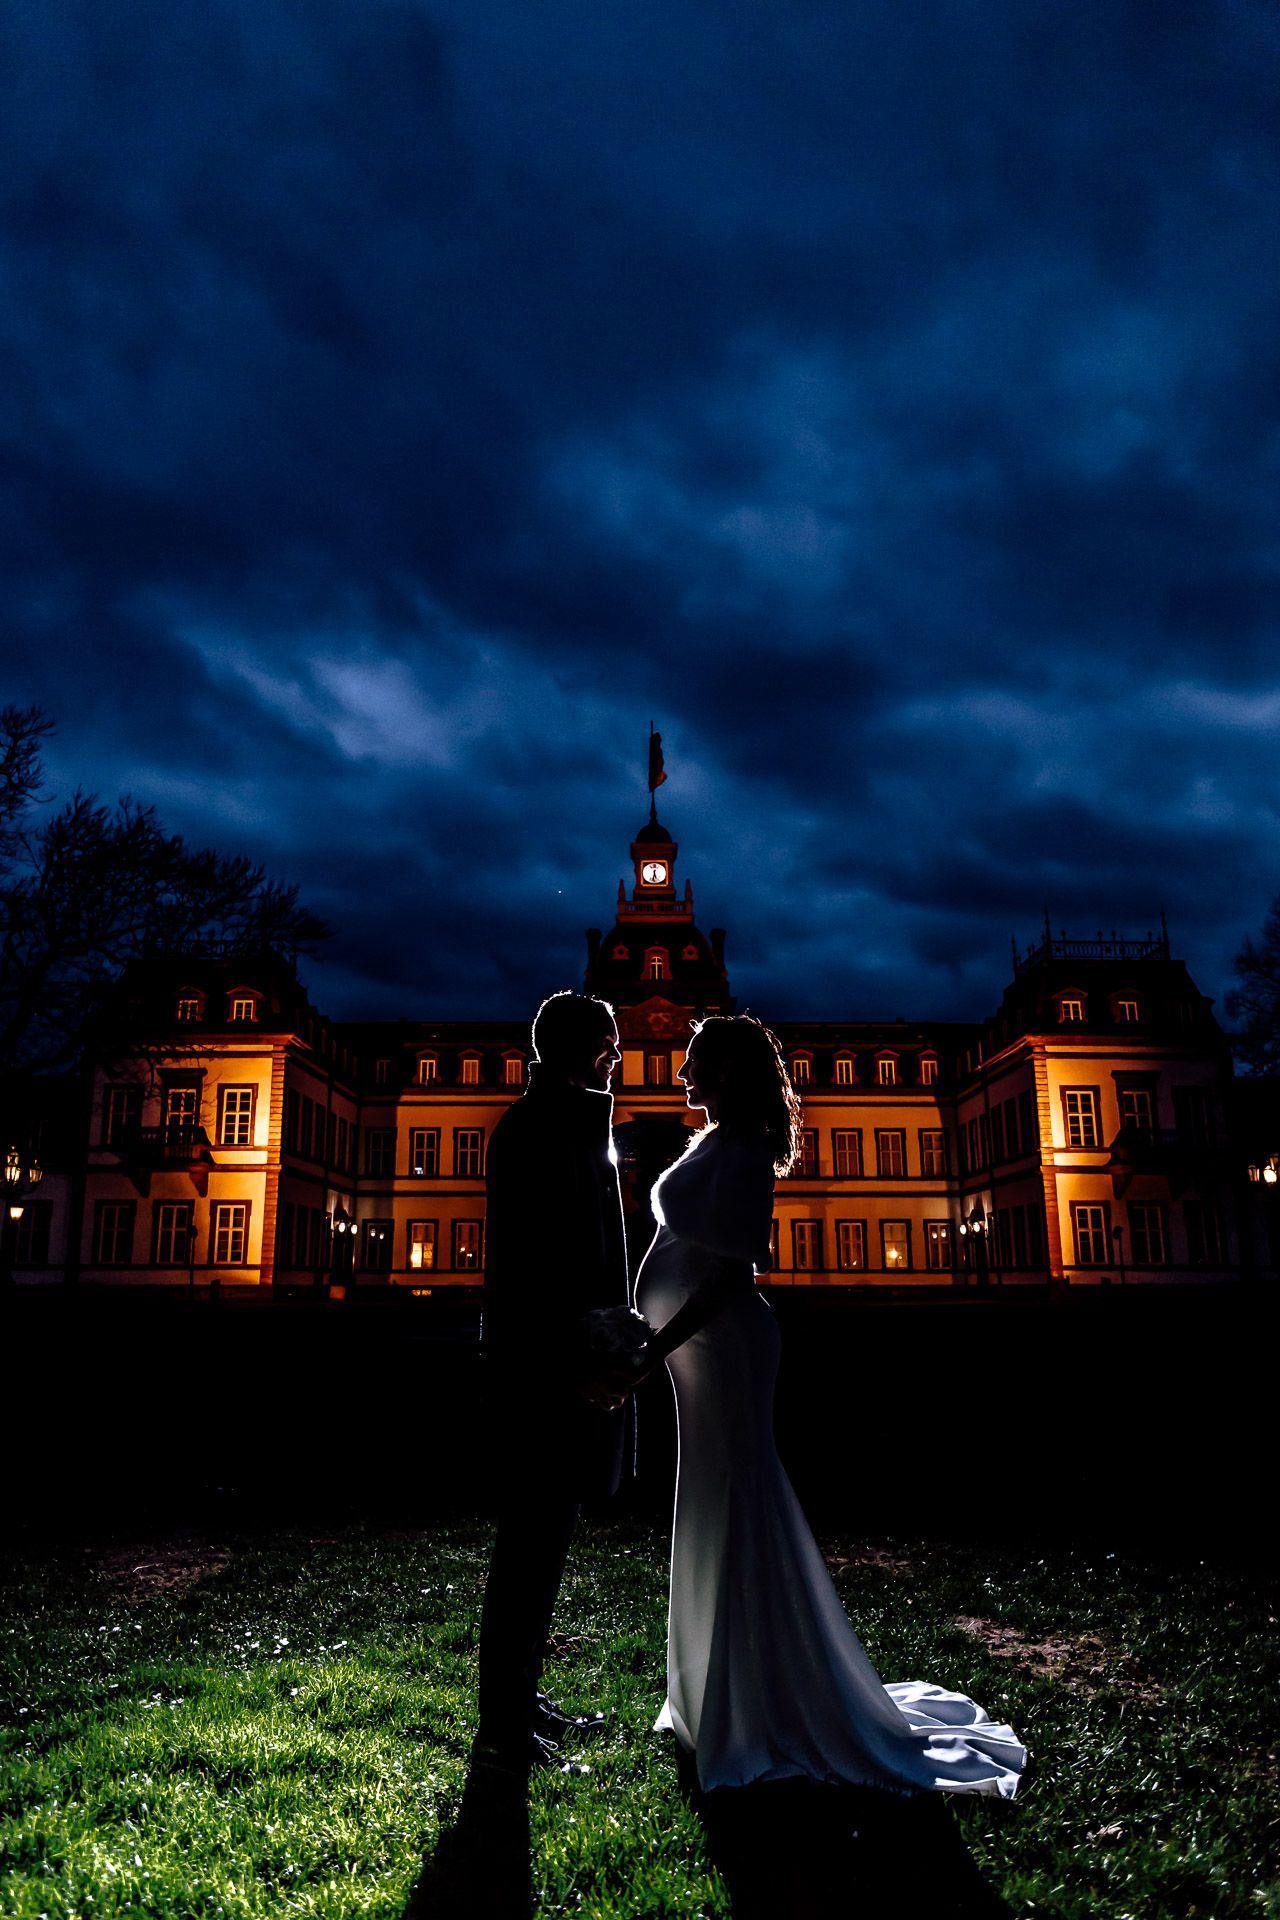 Brautpaar Shooting Mit Blitzlicht In Der Dunkelheit Hochzeitsfotografie Hochzeitsfotograf Brautpaar